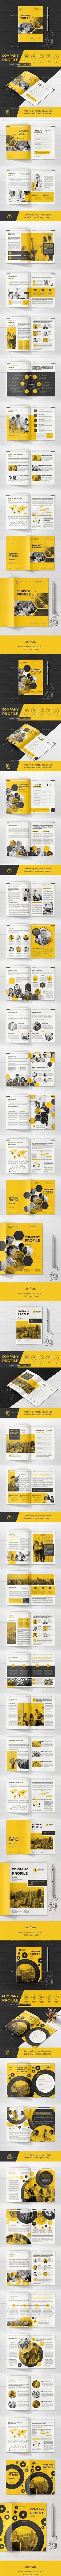 Bundle Company Profile - Corporate Brochures